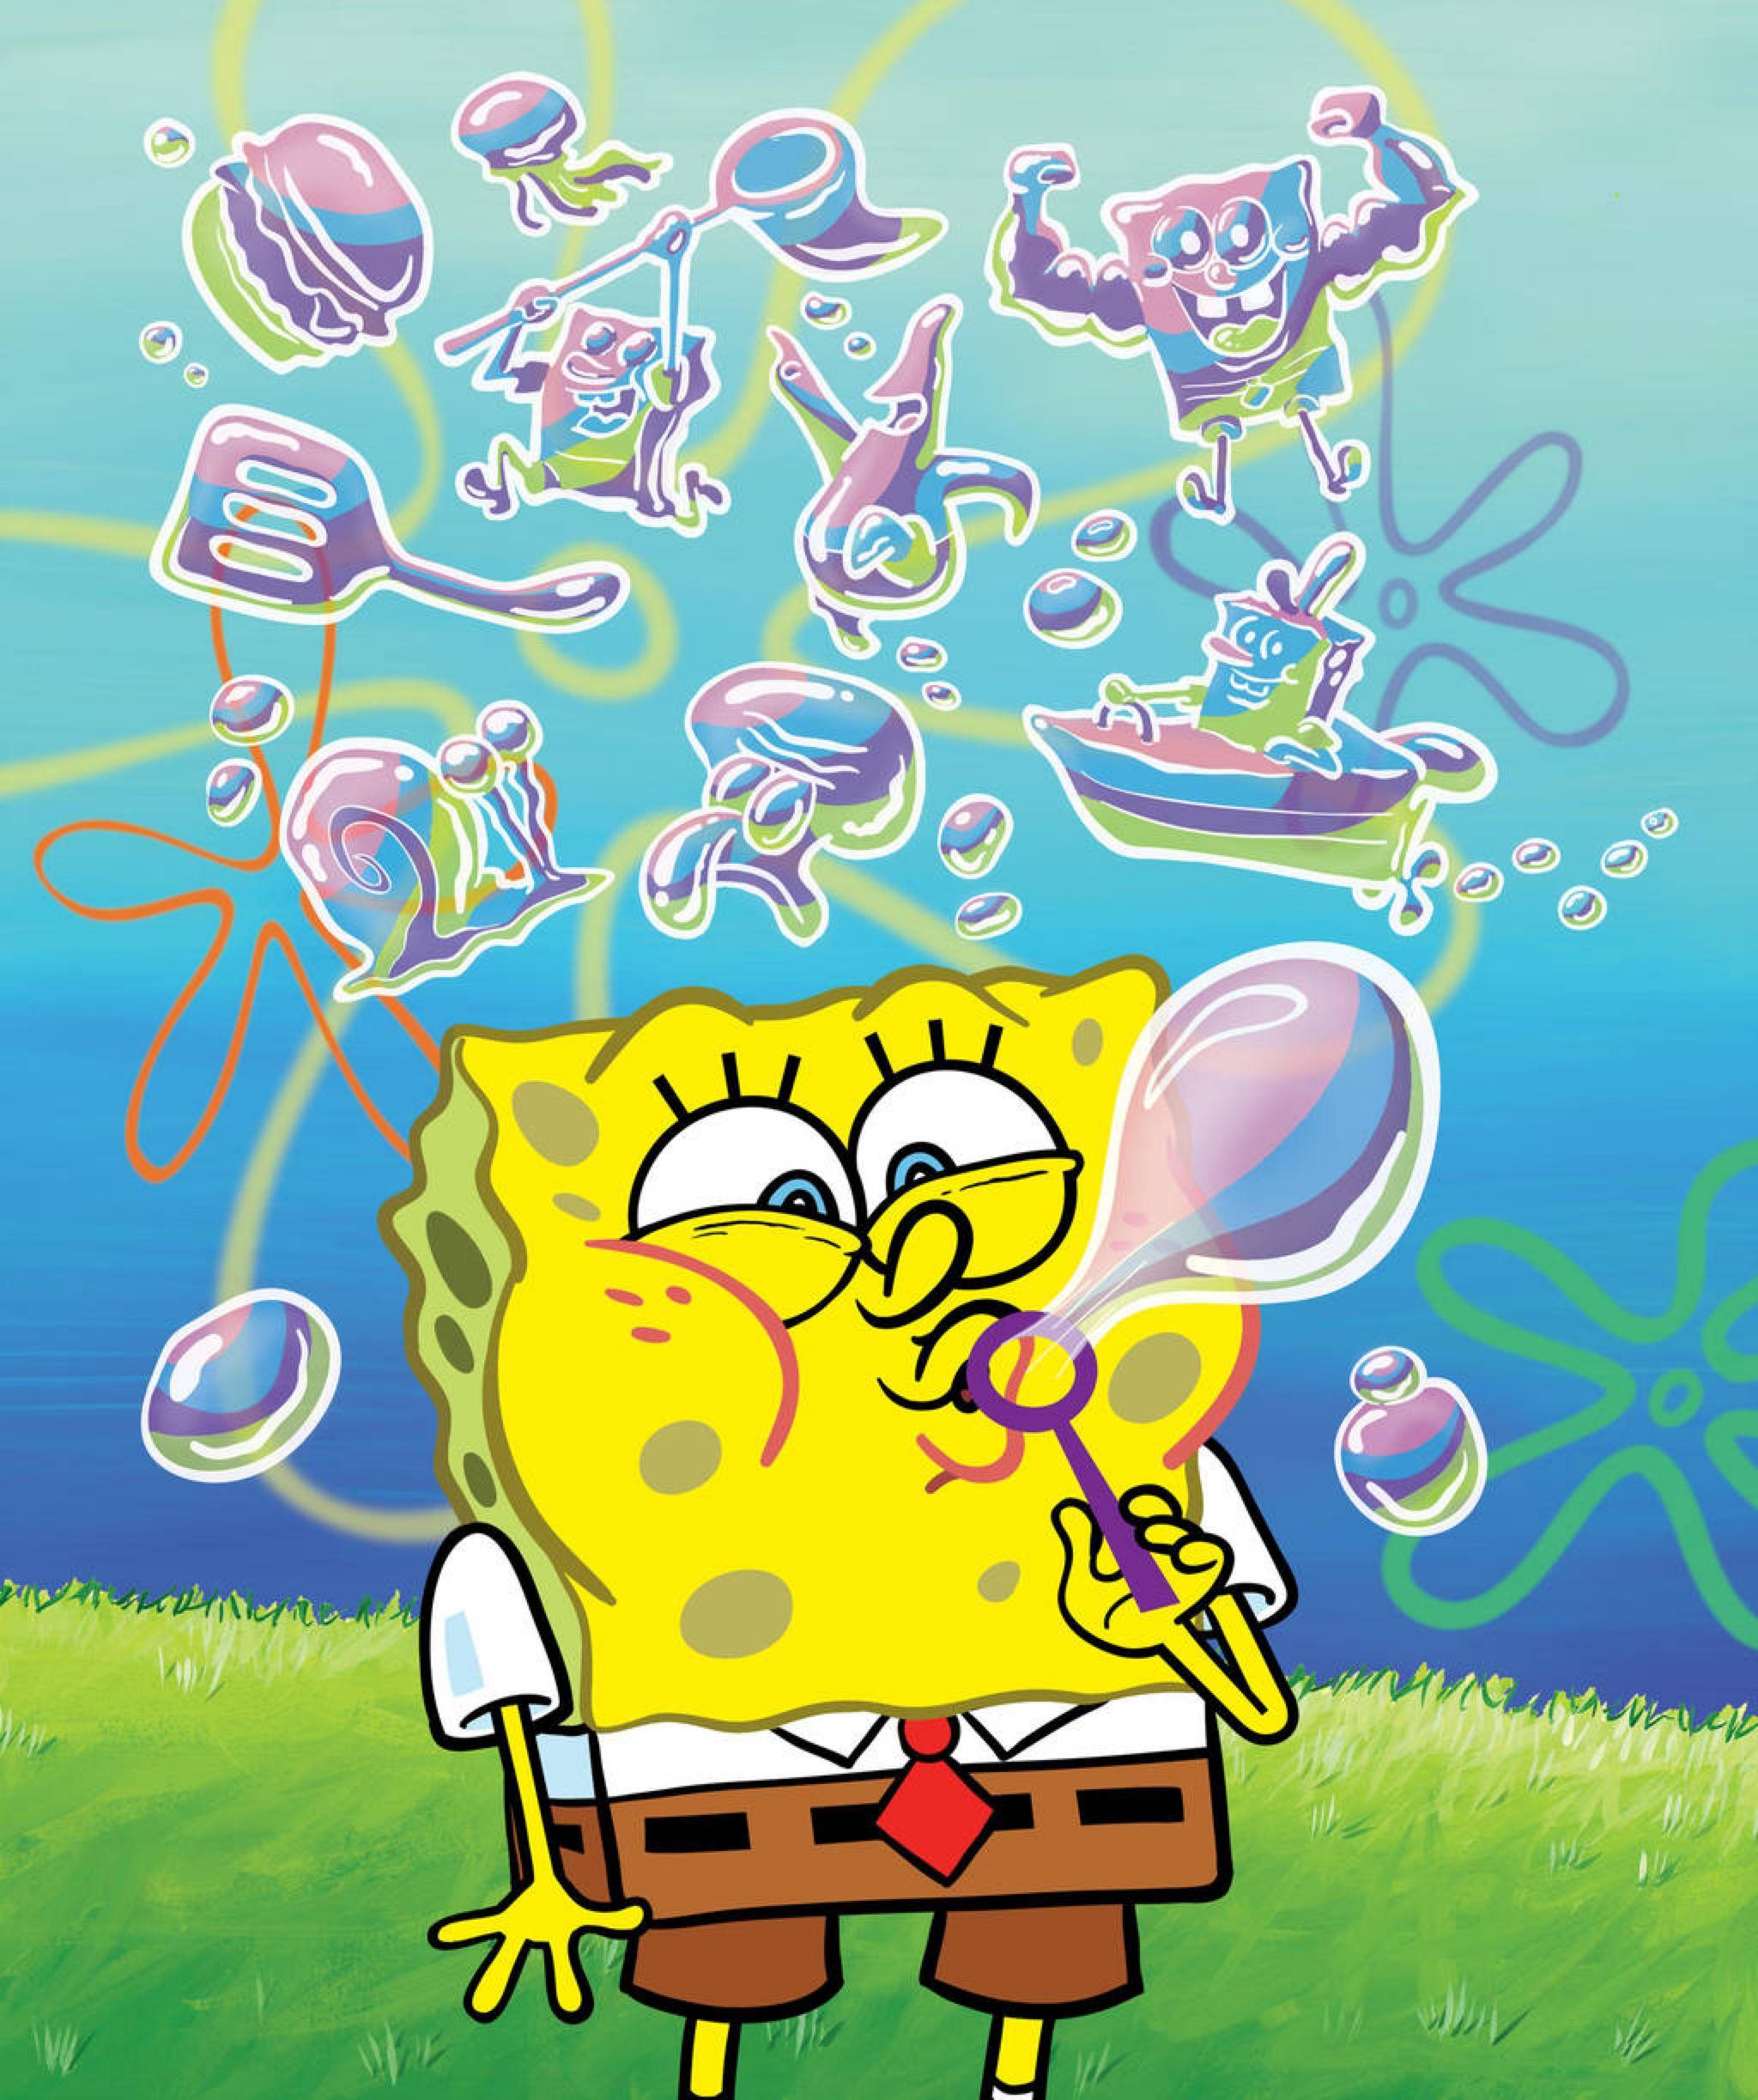 SpongeBob BlowingBubbles Final by shermcohen on DeviantArt